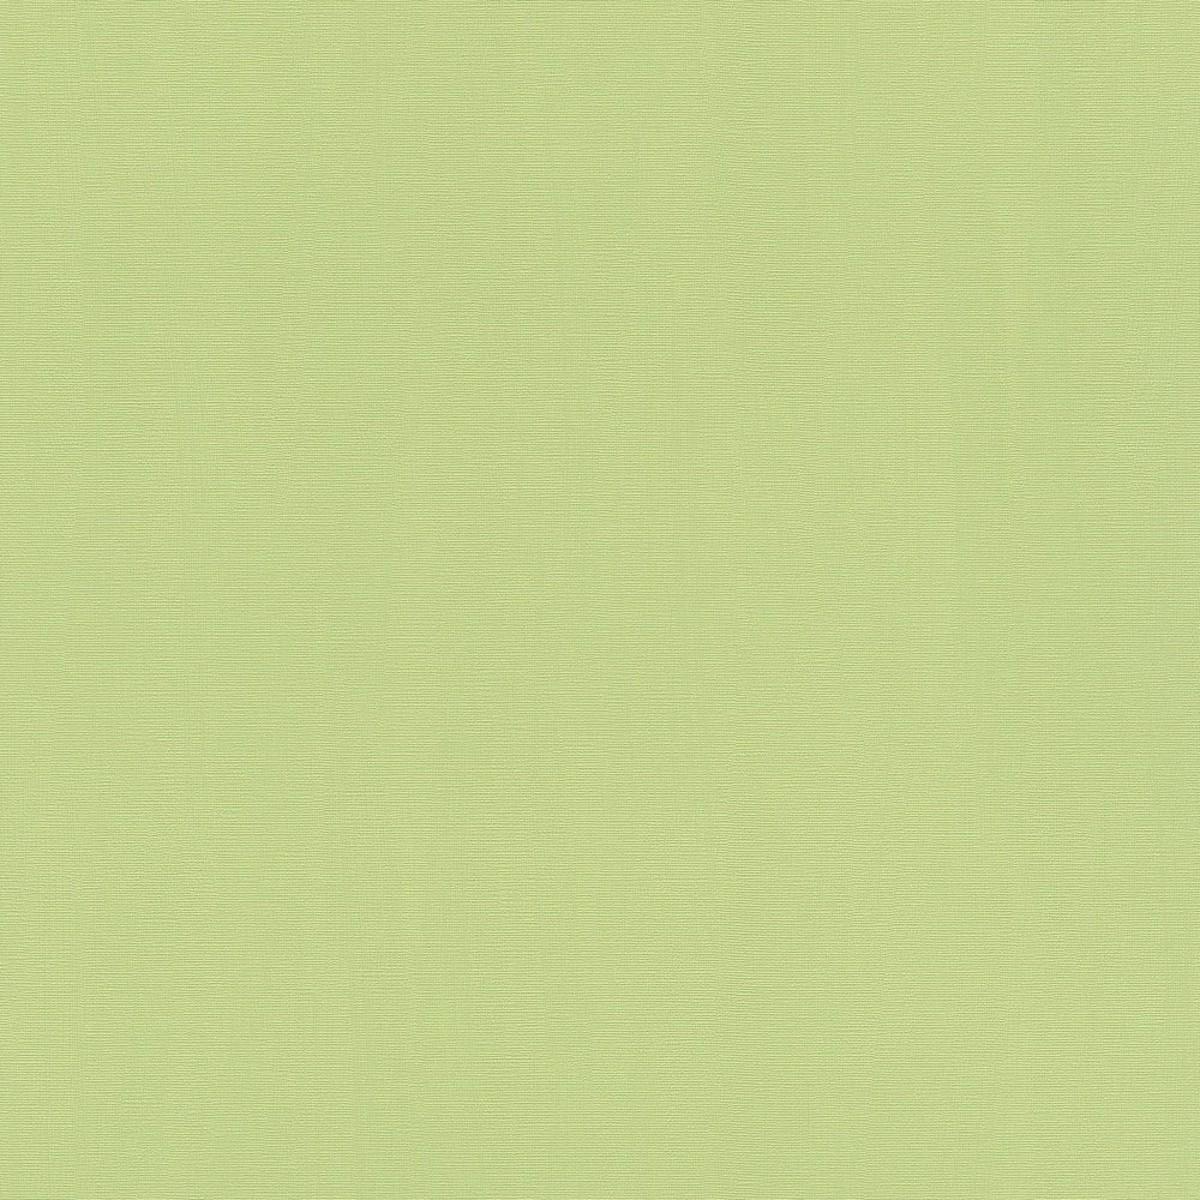 Обои флизелиновые Rasch Hyde Park зеленые 0.53 м 411829